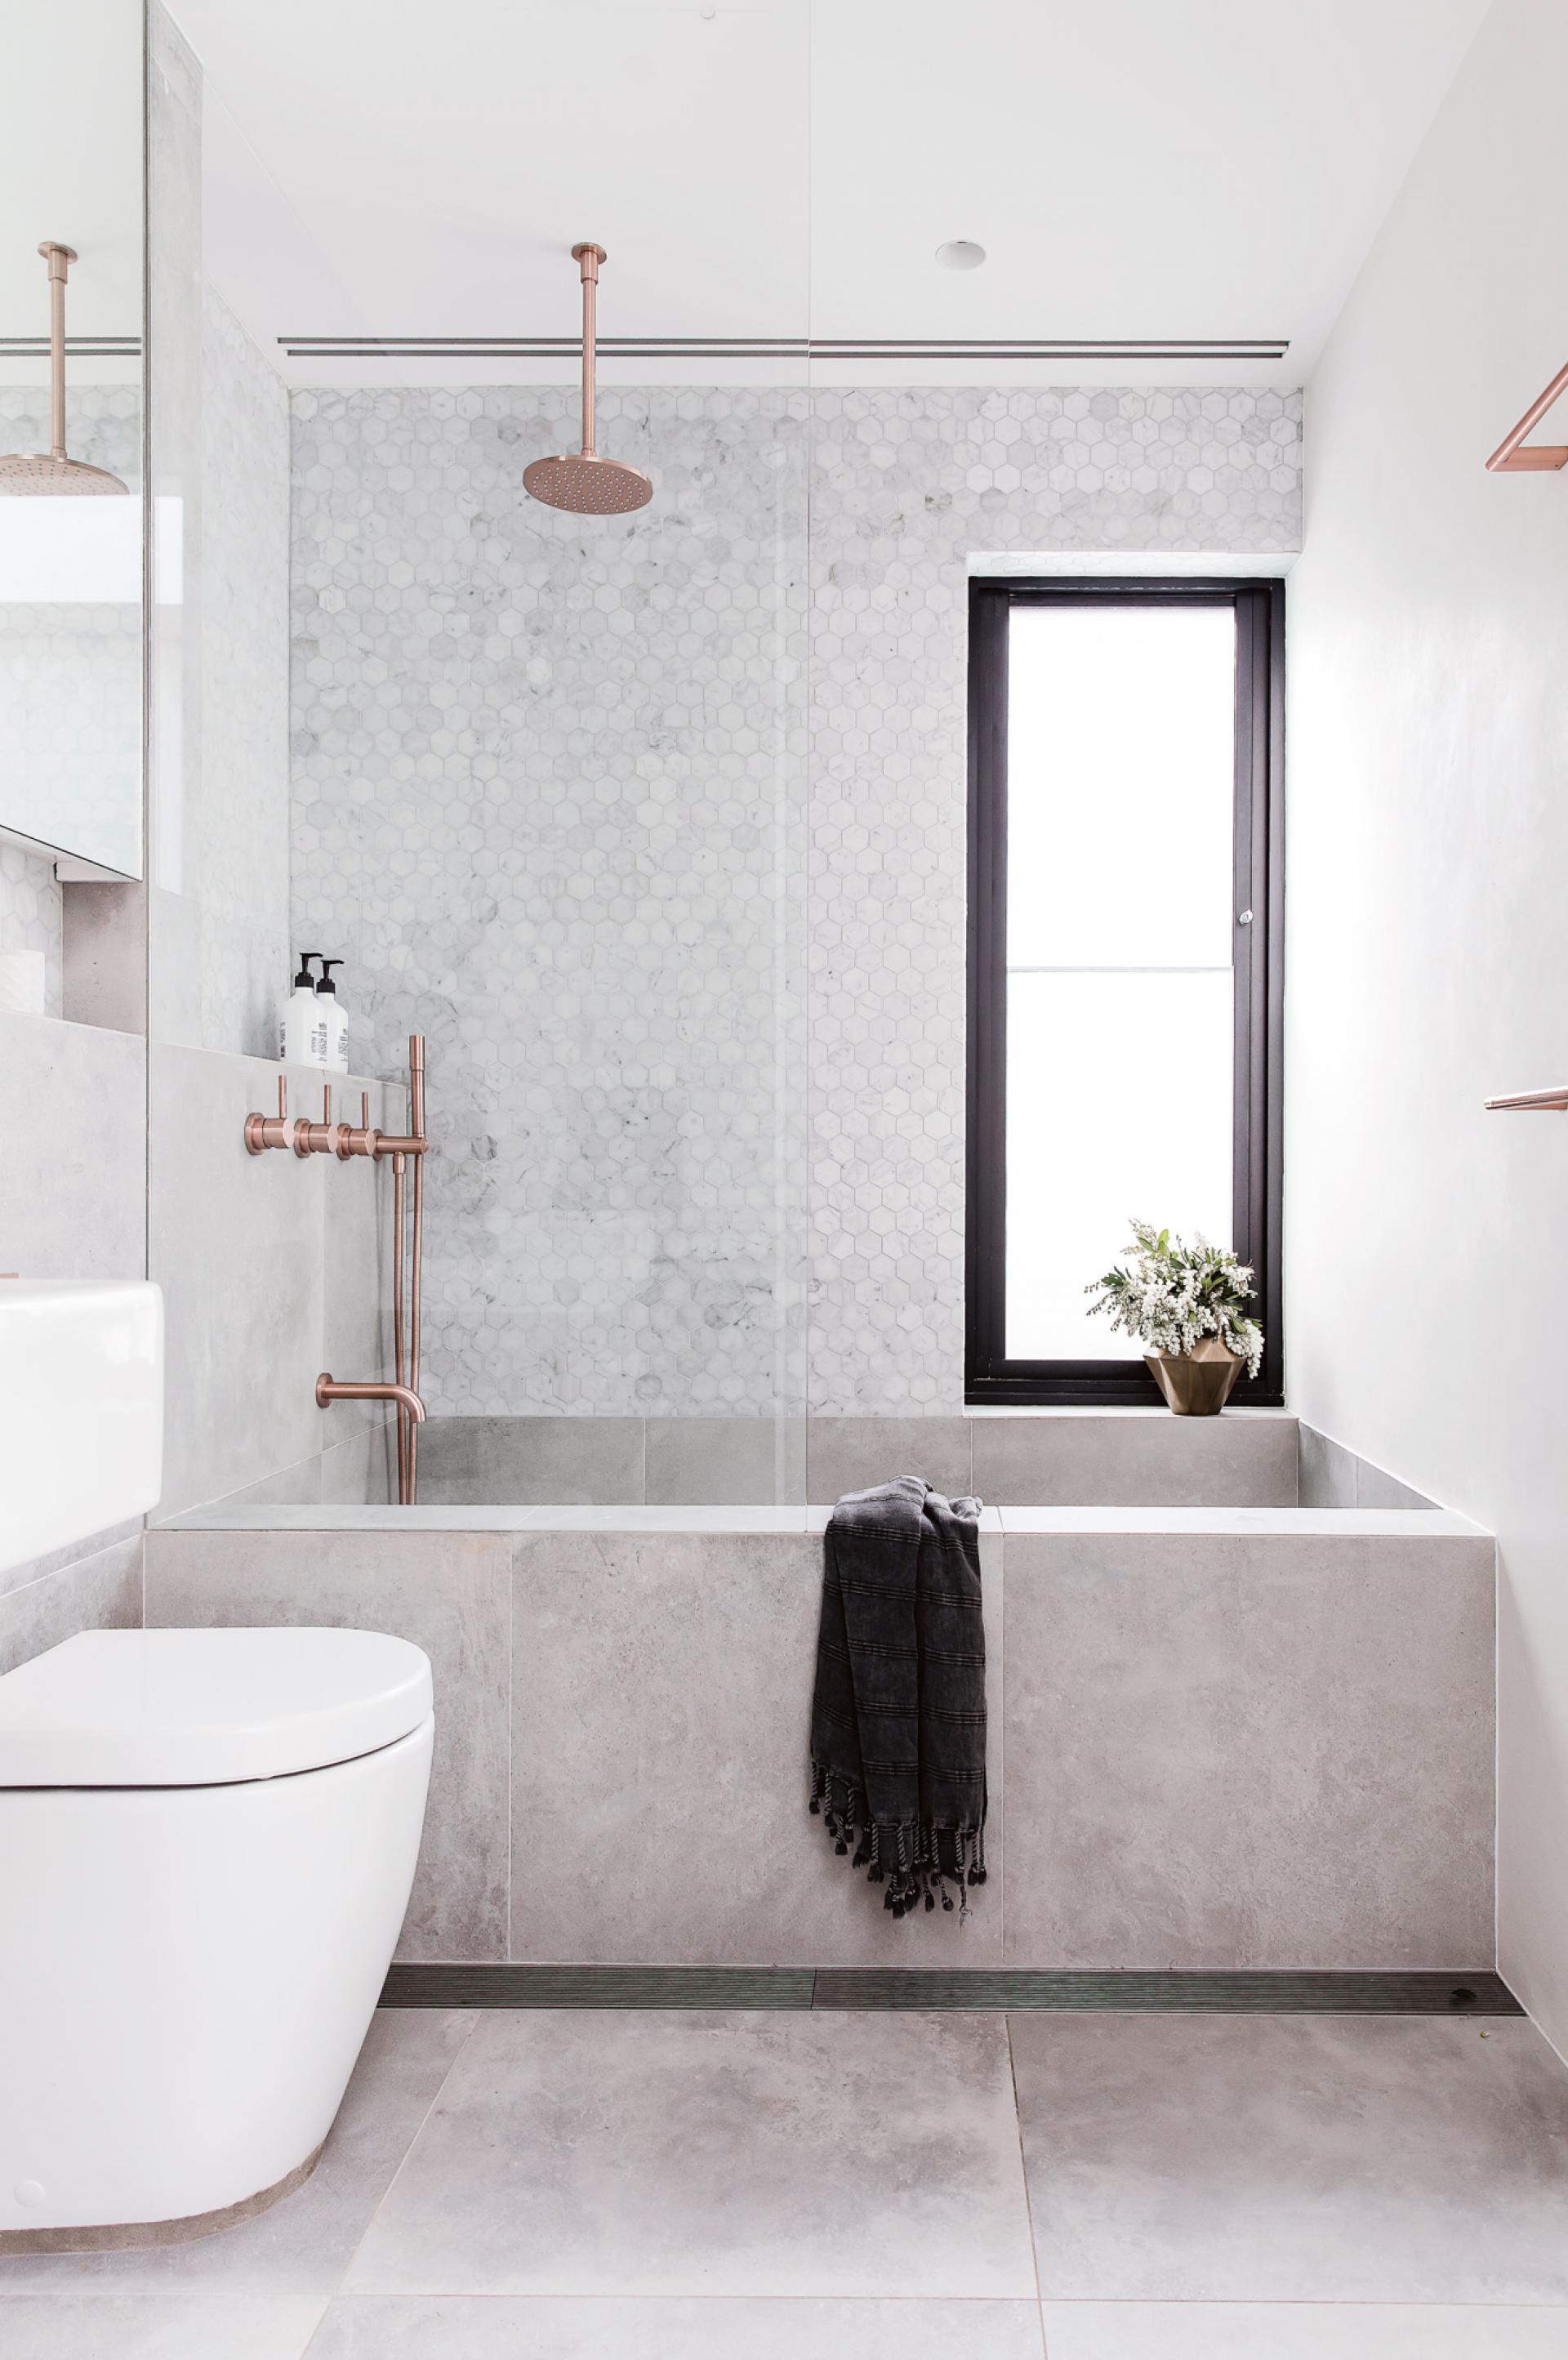 australisch-familie-interieur-badkamer